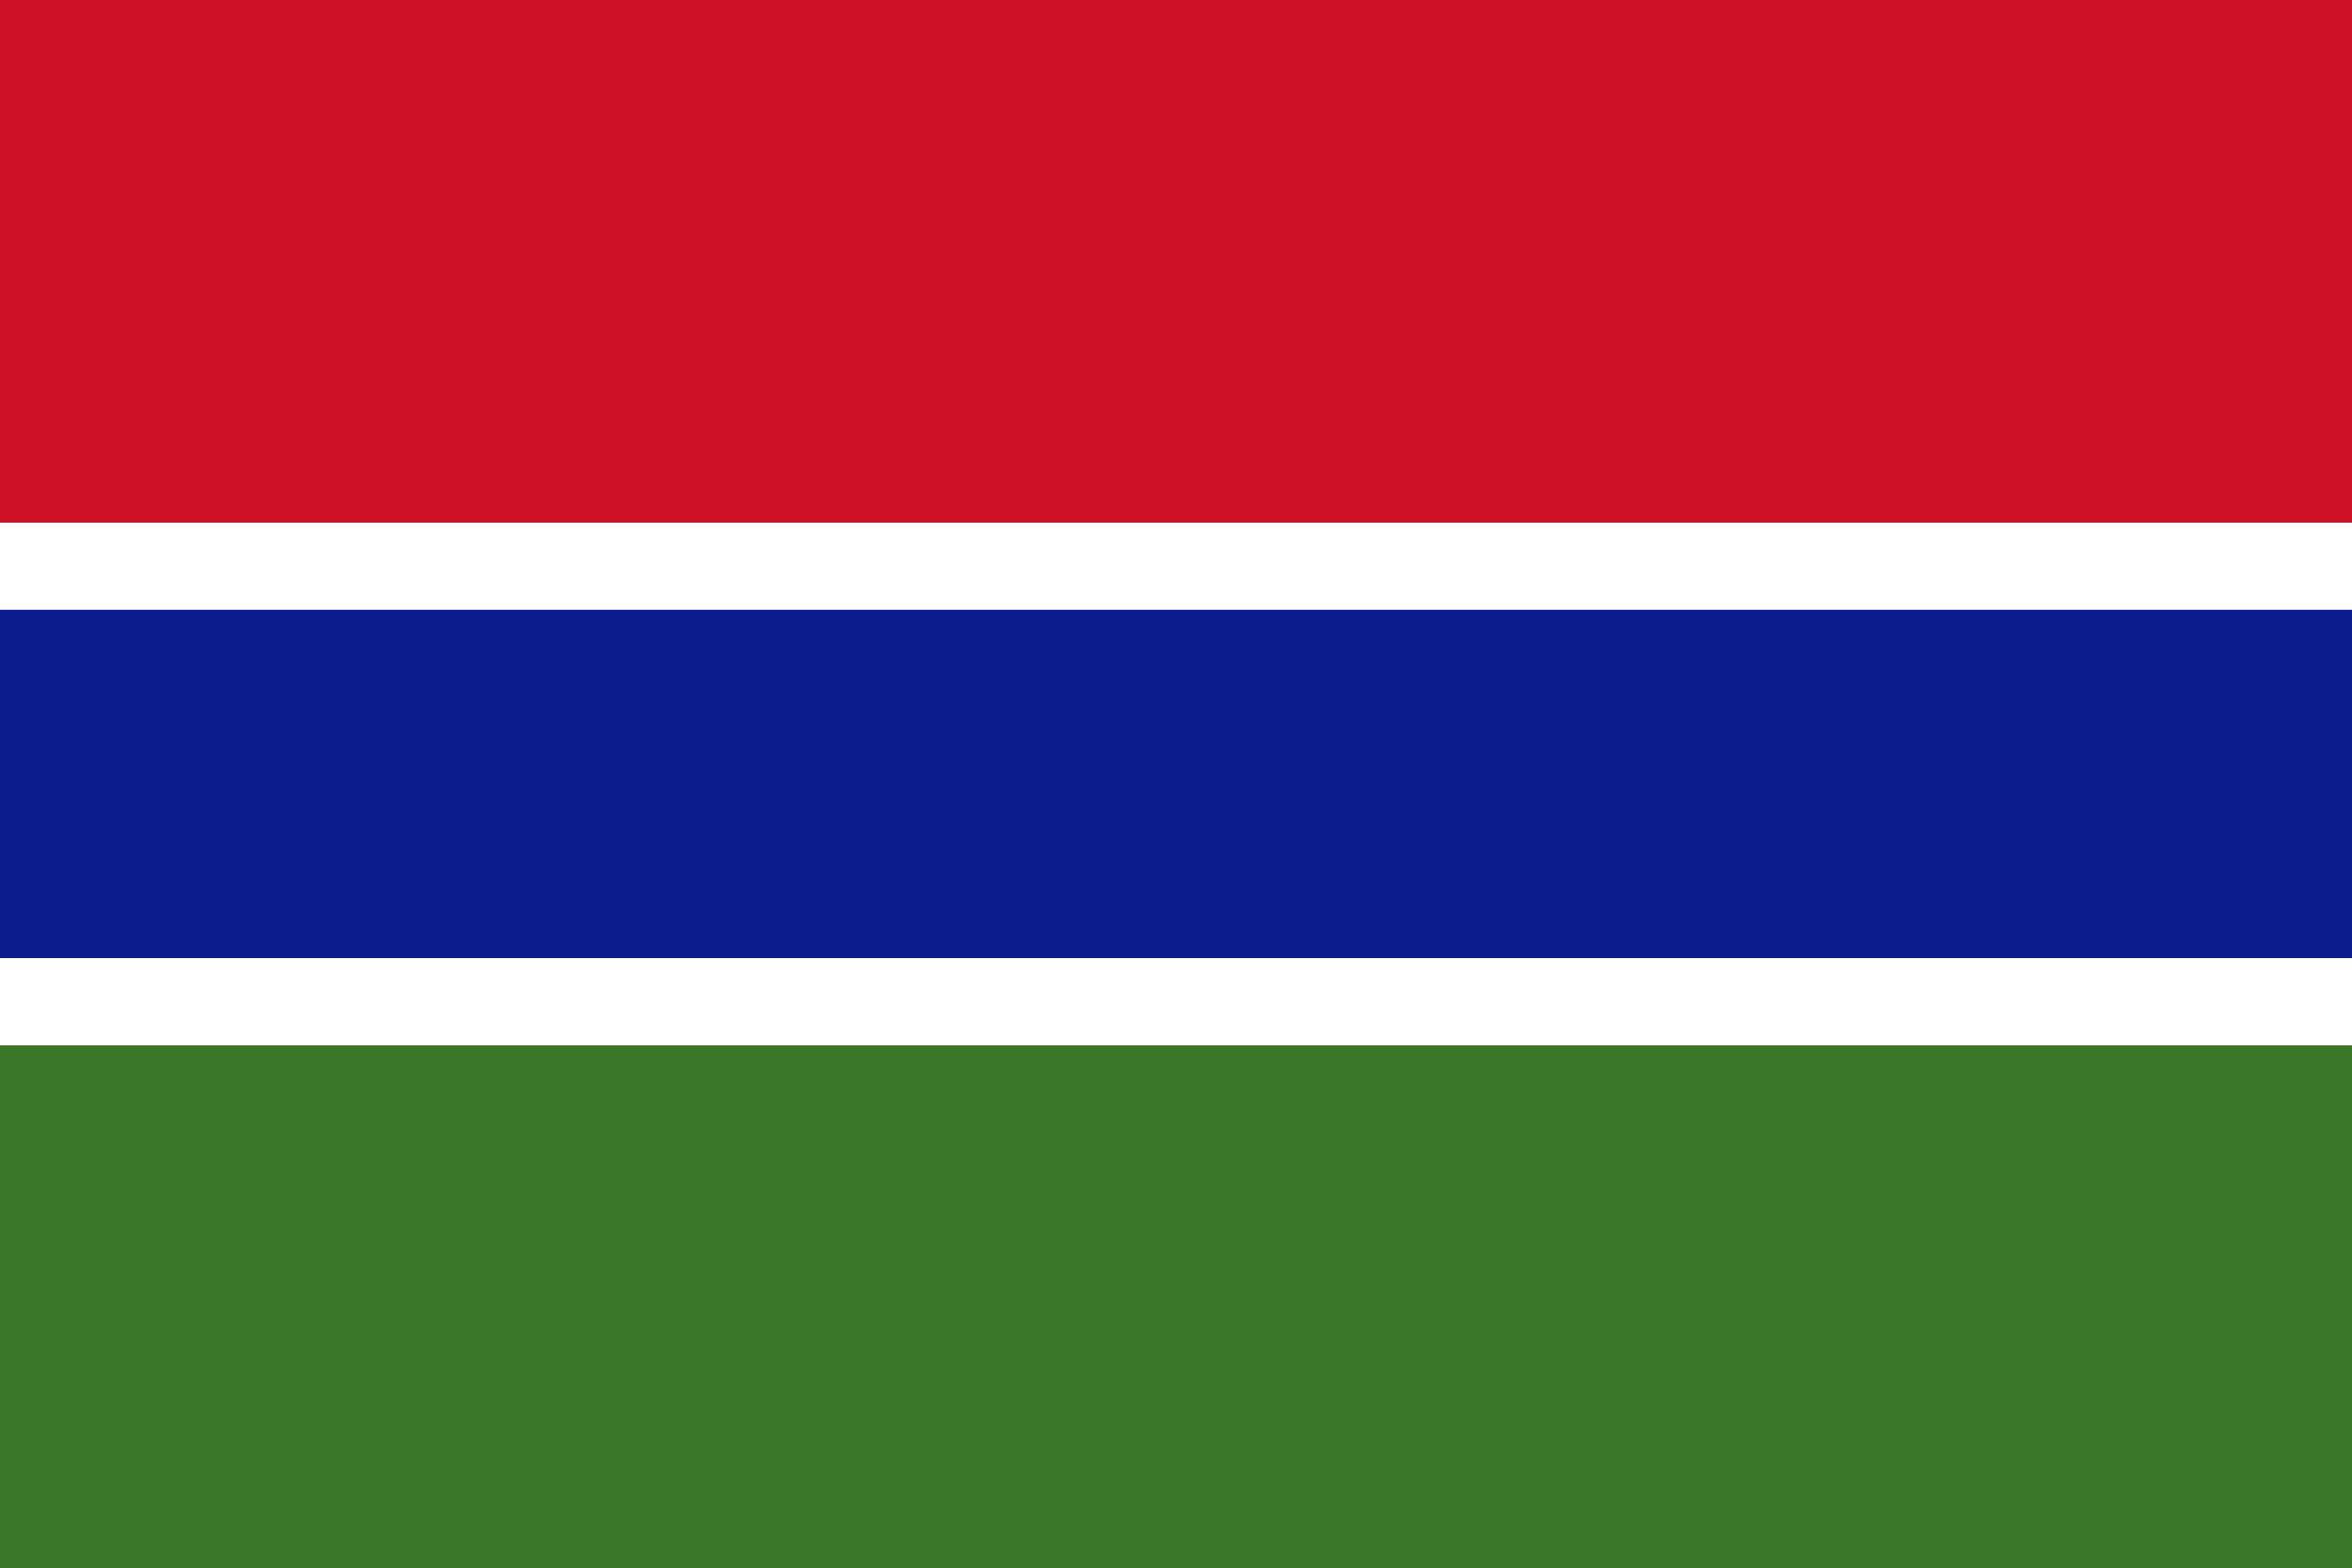 gambia, país, emblema, insignia, símbolo - Fondos de Pantalla HD - professor-falken.com